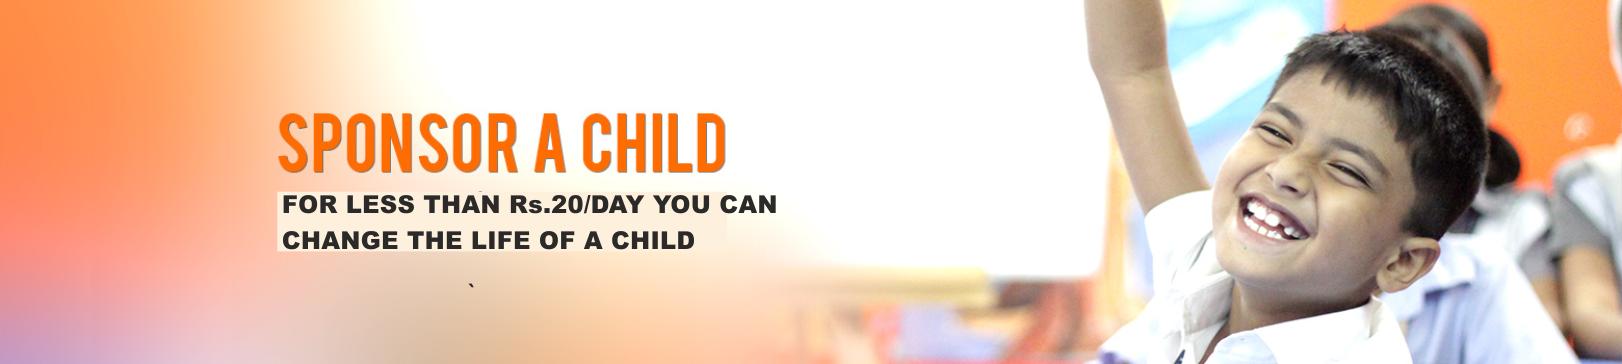 Educate Child